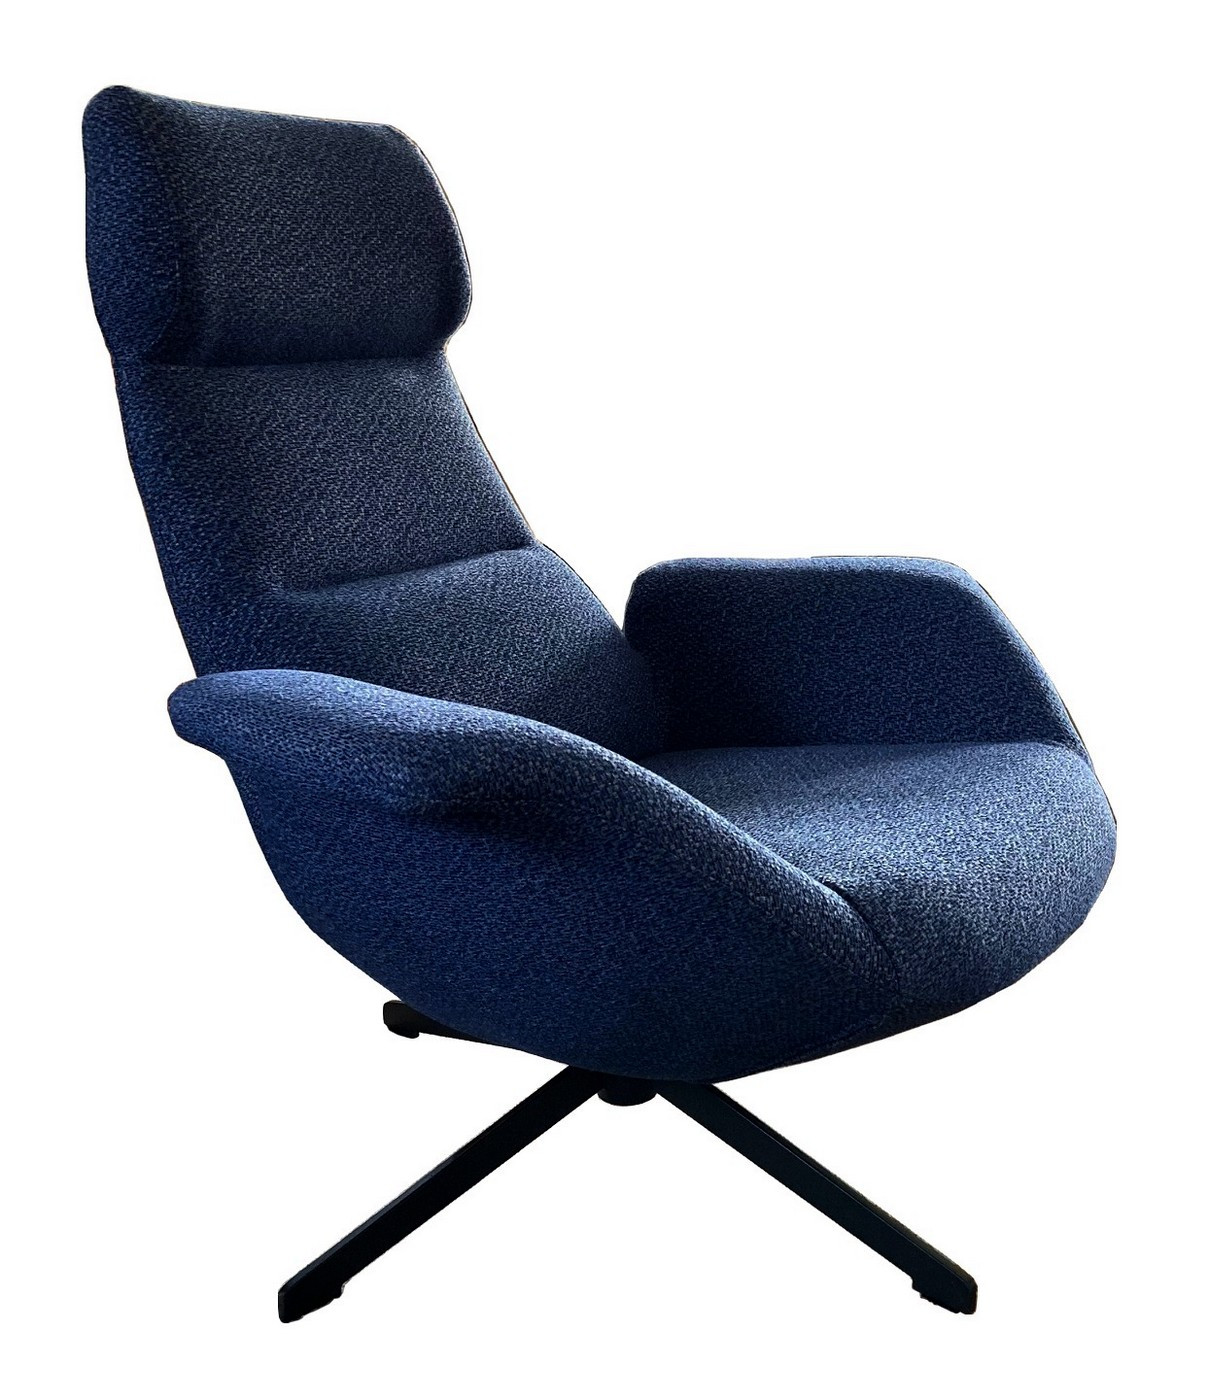 Fauteuil confortable en tissu bleu